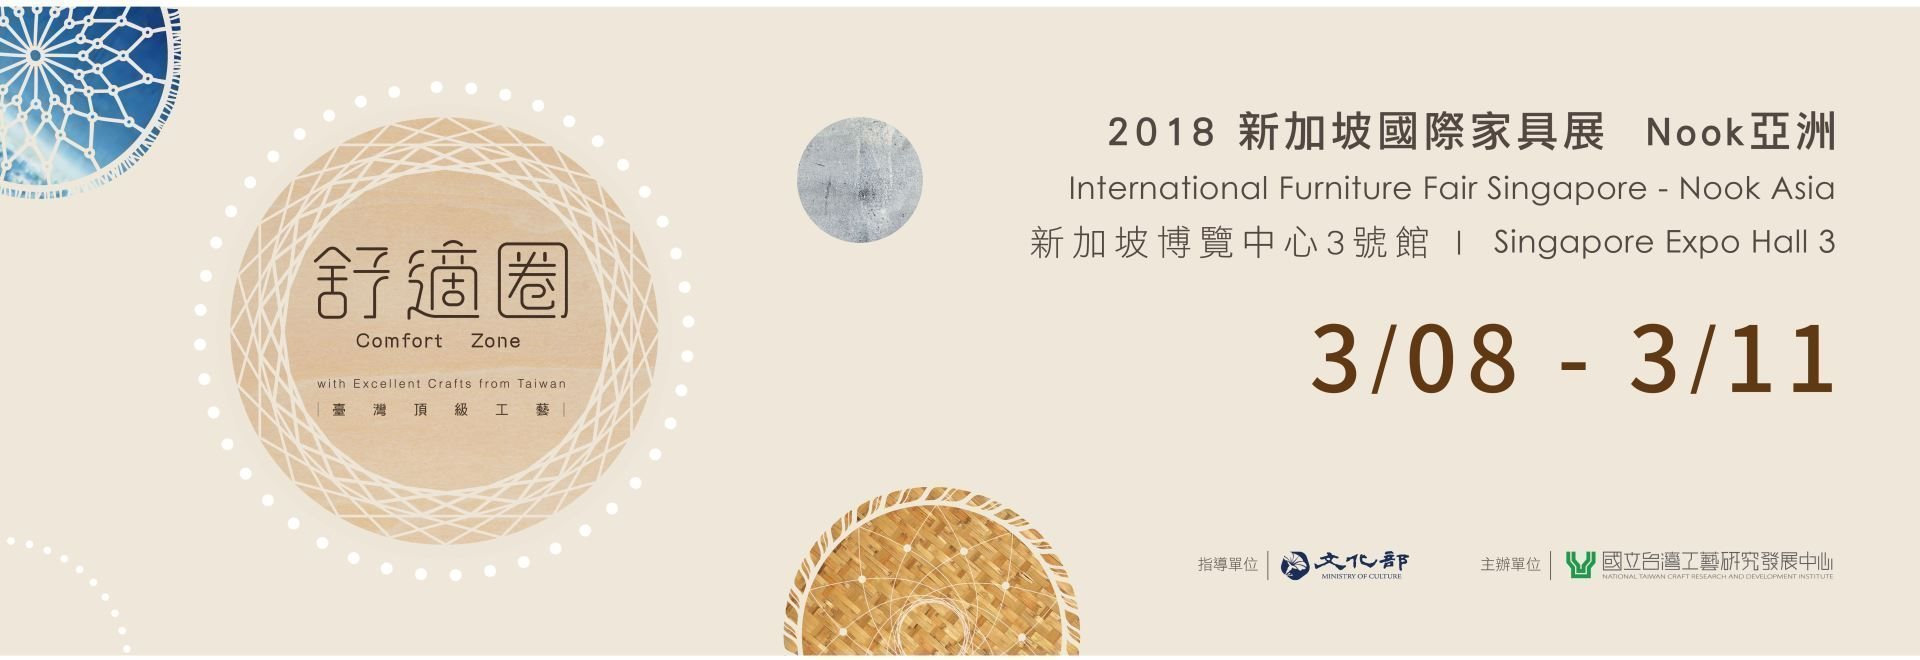 2018新加坡國際家具展-Nook亞洲[另開新視窗]